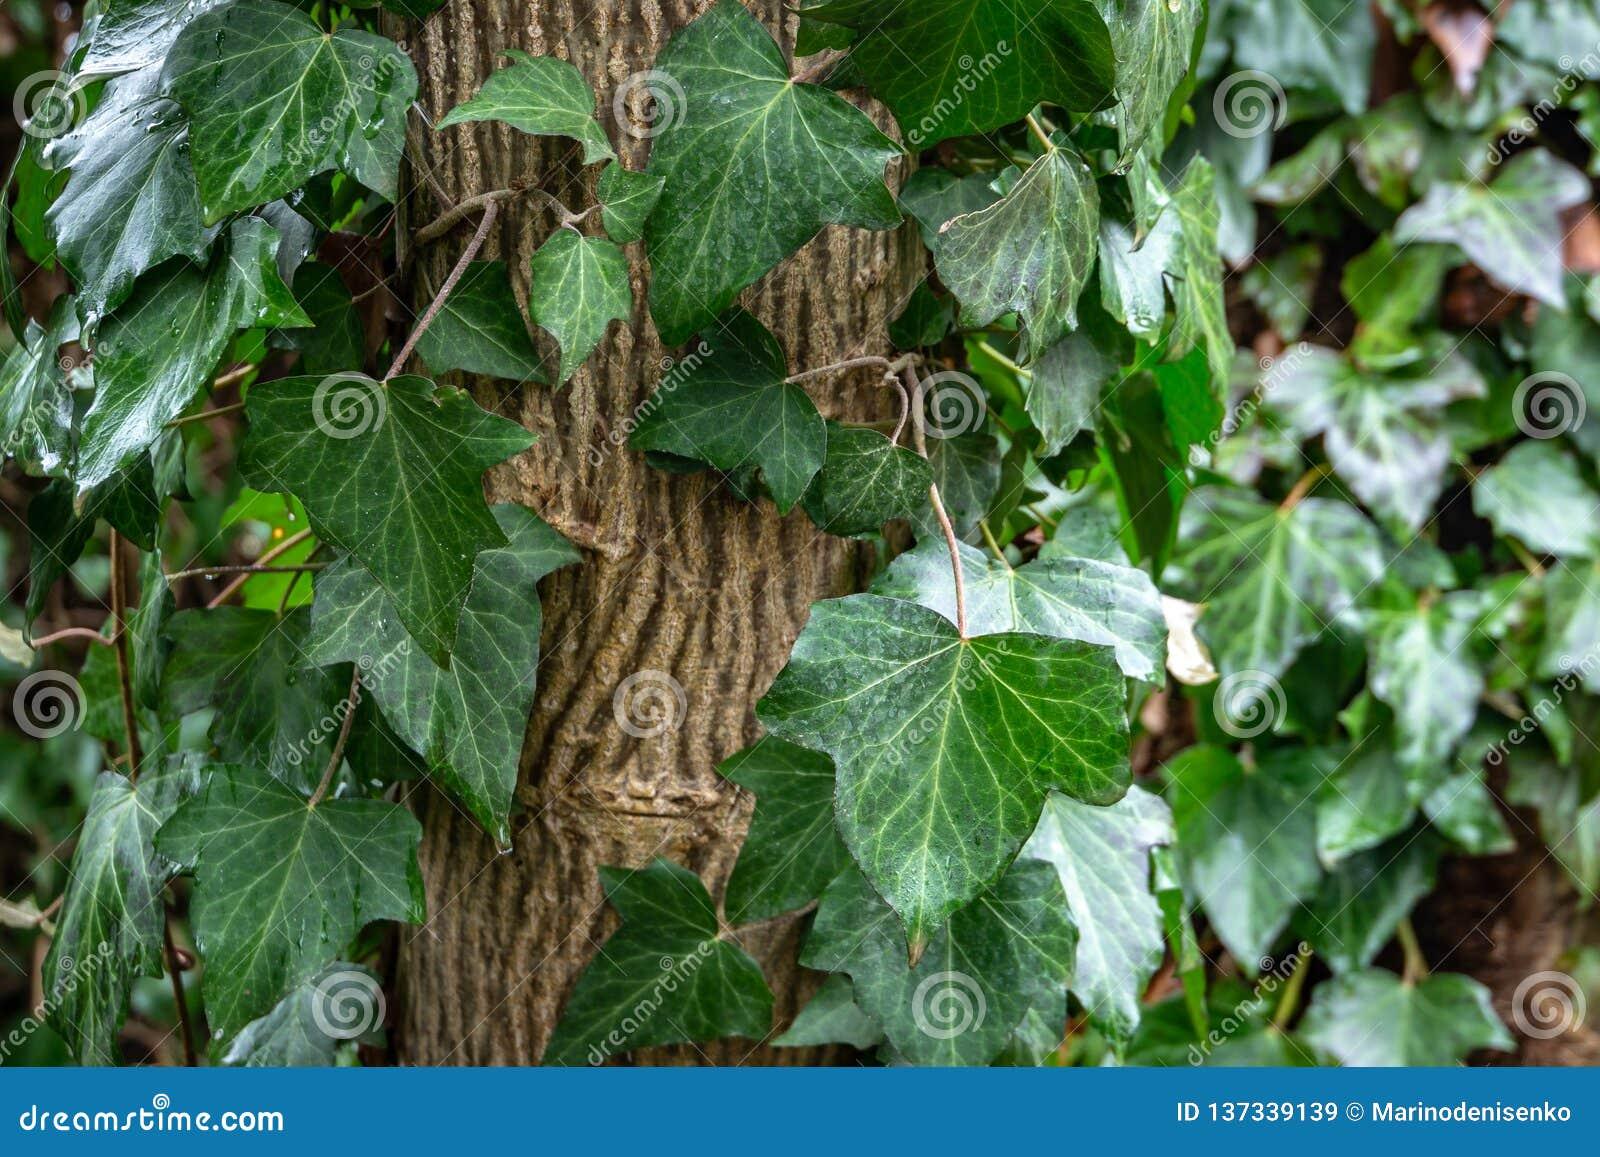 Hojas verdes mojadas de la hélice de Hedera de la hiedra común, o hiedra europea, hiedra inglesa que se arrastra encima del árbol